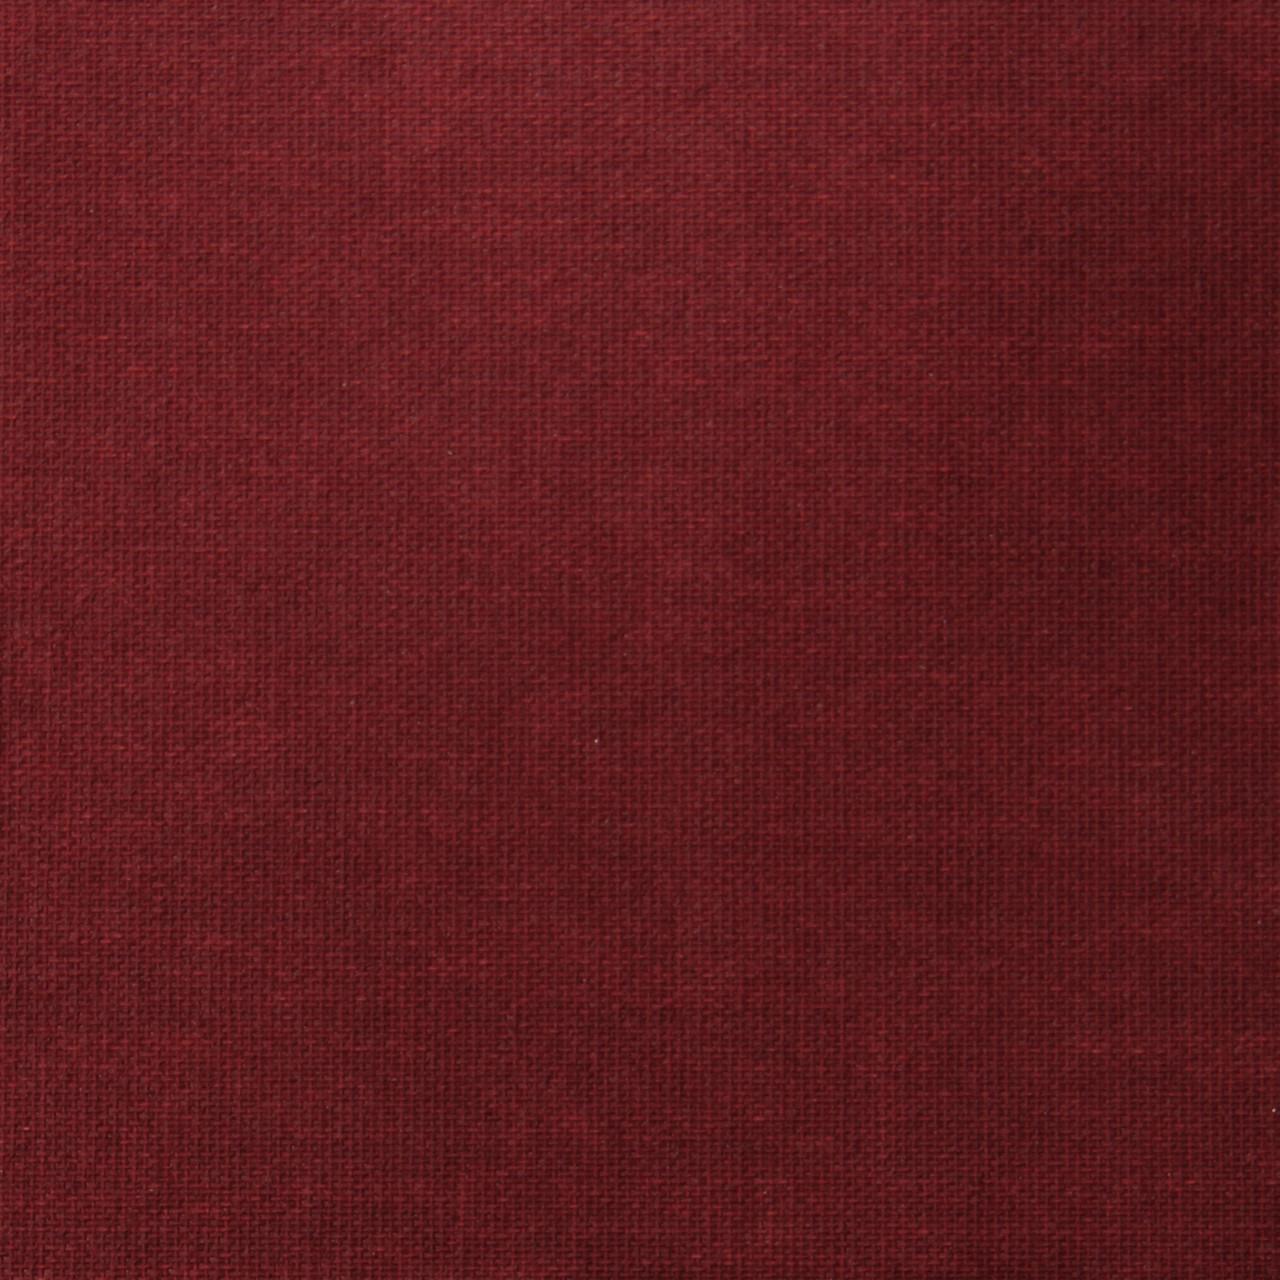 Рулонные шторы Ткань Однотонная А-644 Гнилая вишня